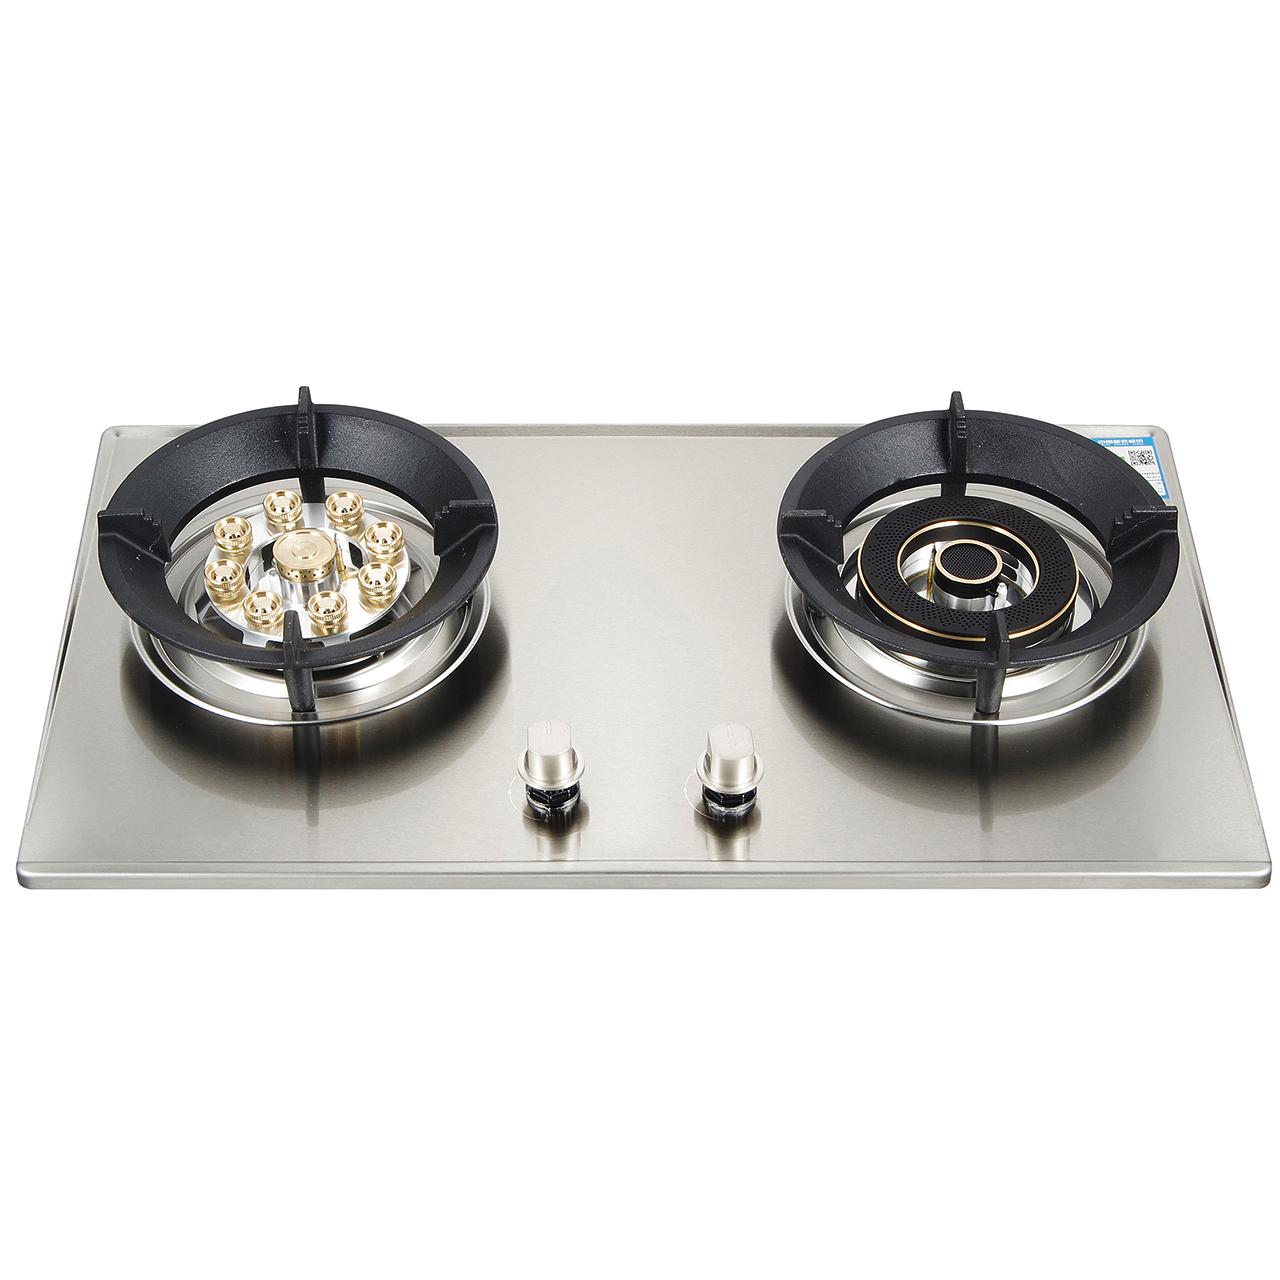 K2-Q2S004R厨房燃气灶具批发,煤气炉具代理